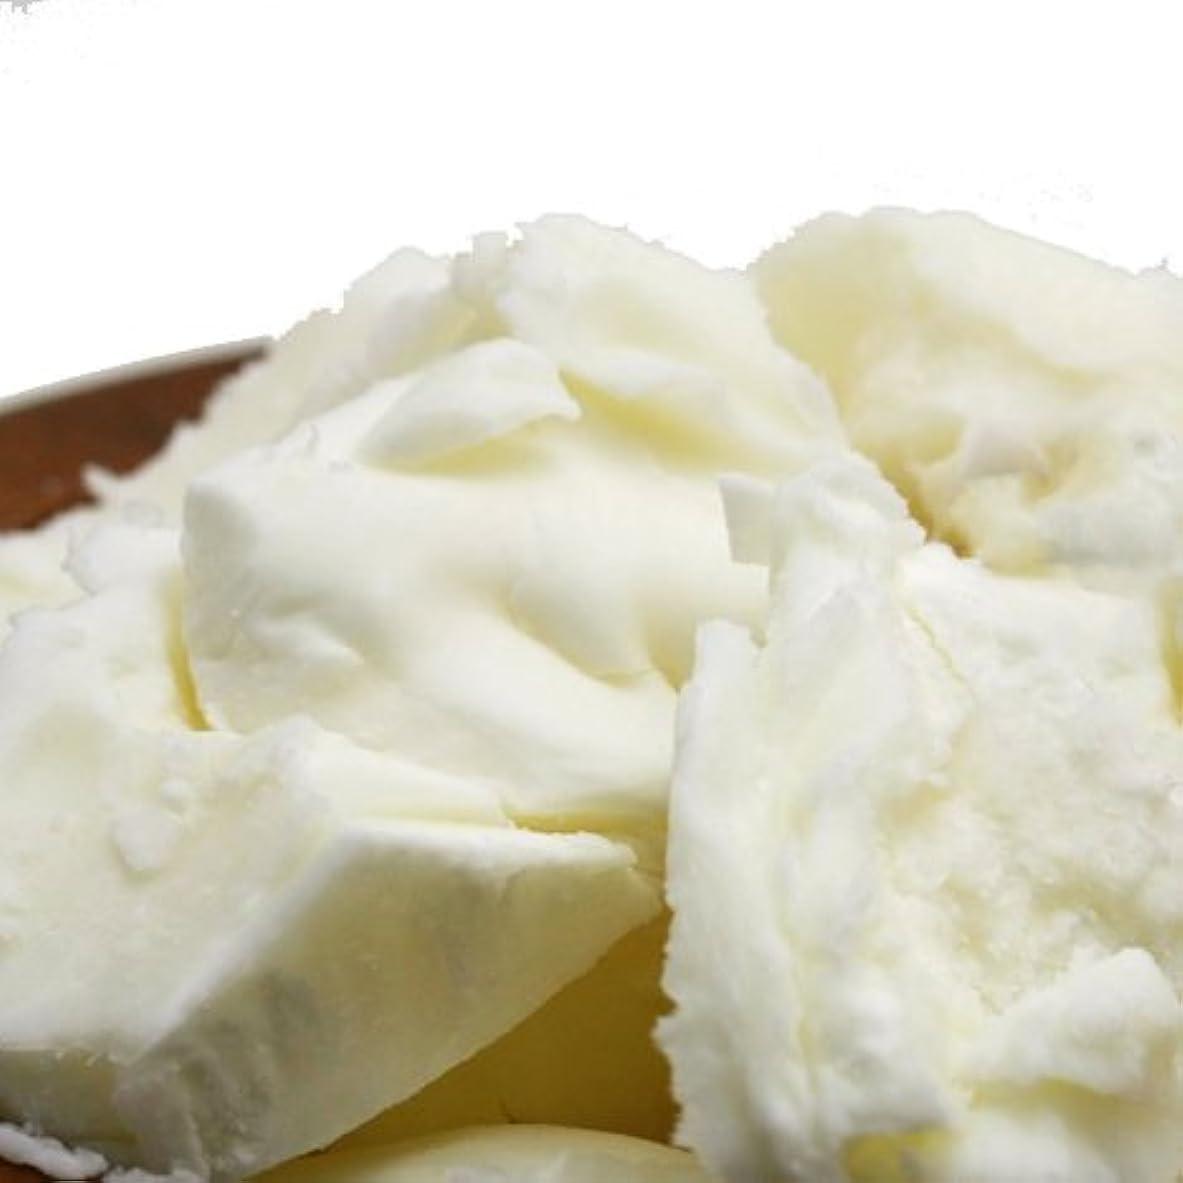 イブニング売る争い精製シアバター 500g シア脂 【手作り石鹸/手作りコスメ/手作り化粧品】